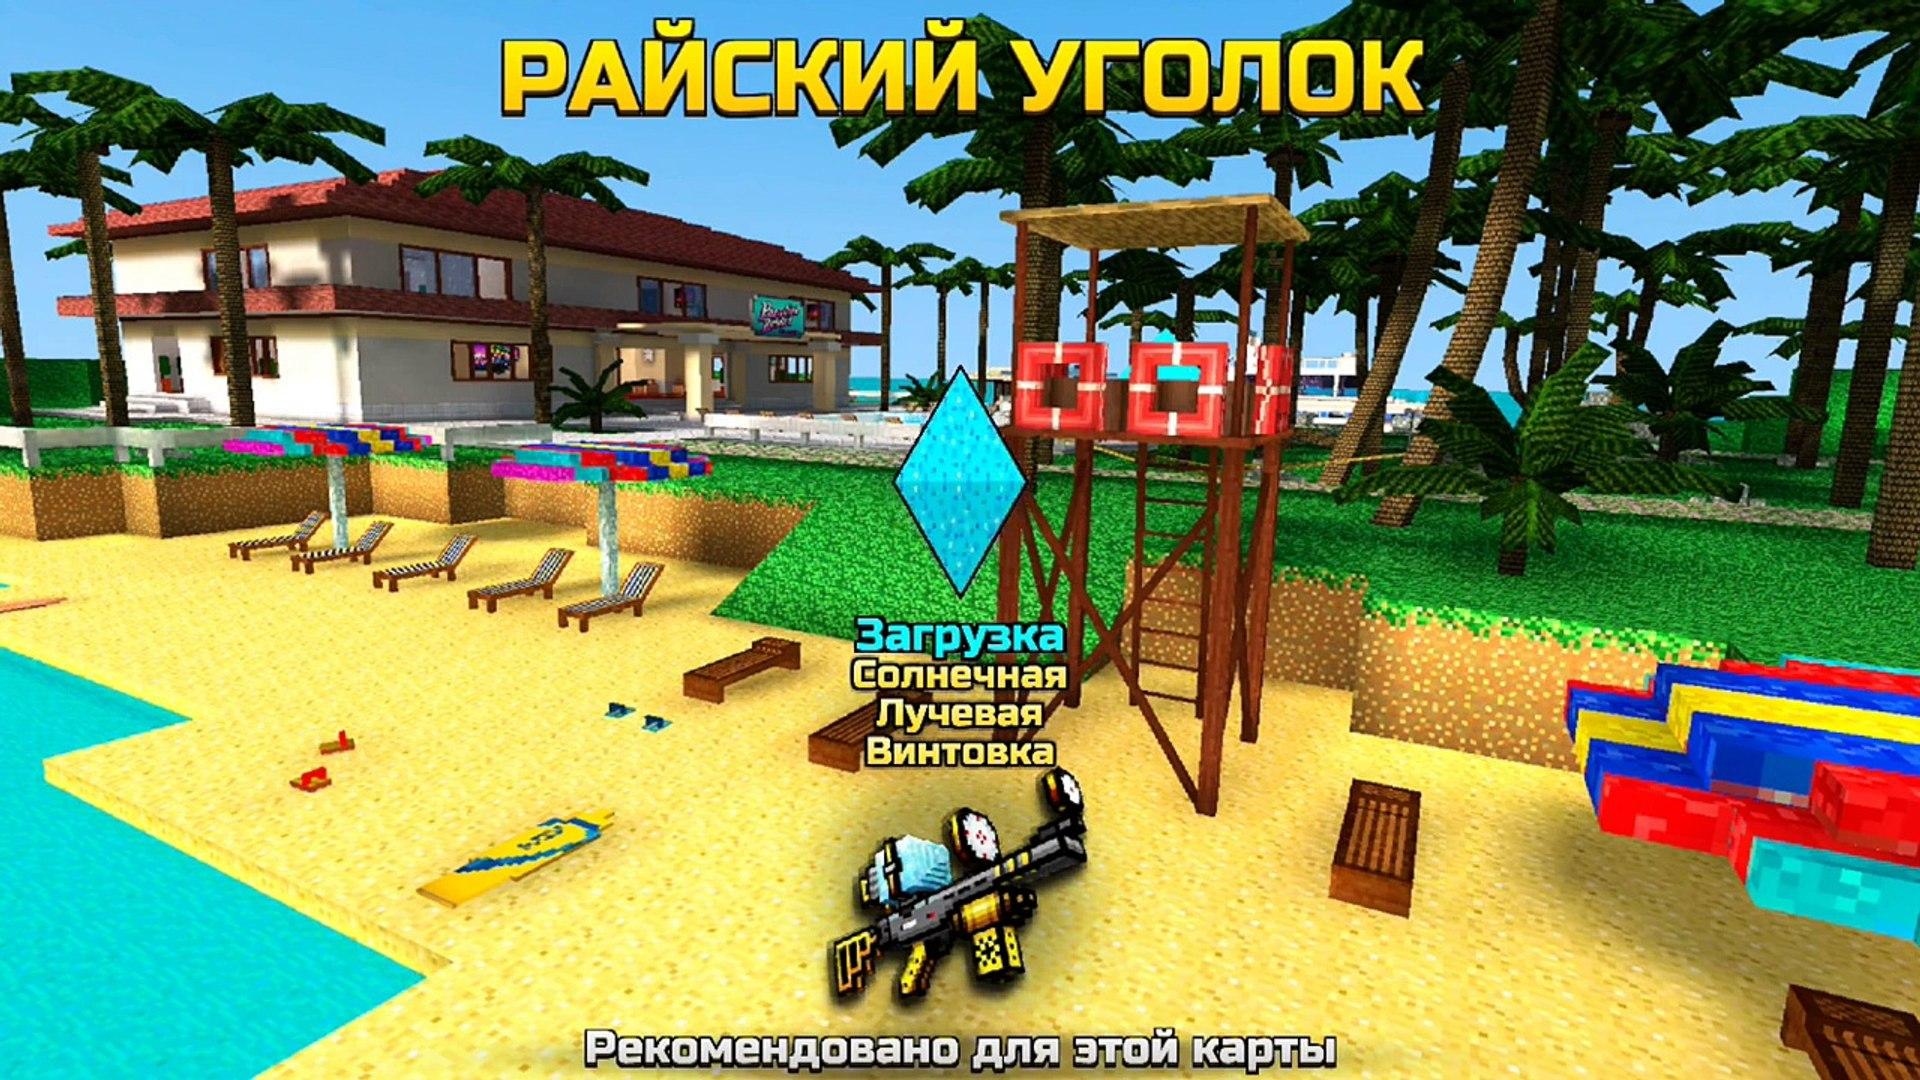 Pixel Gun 3D Lets play - KokaPlay - Пиксель Ган 3Д по сети - Летсплей на русском